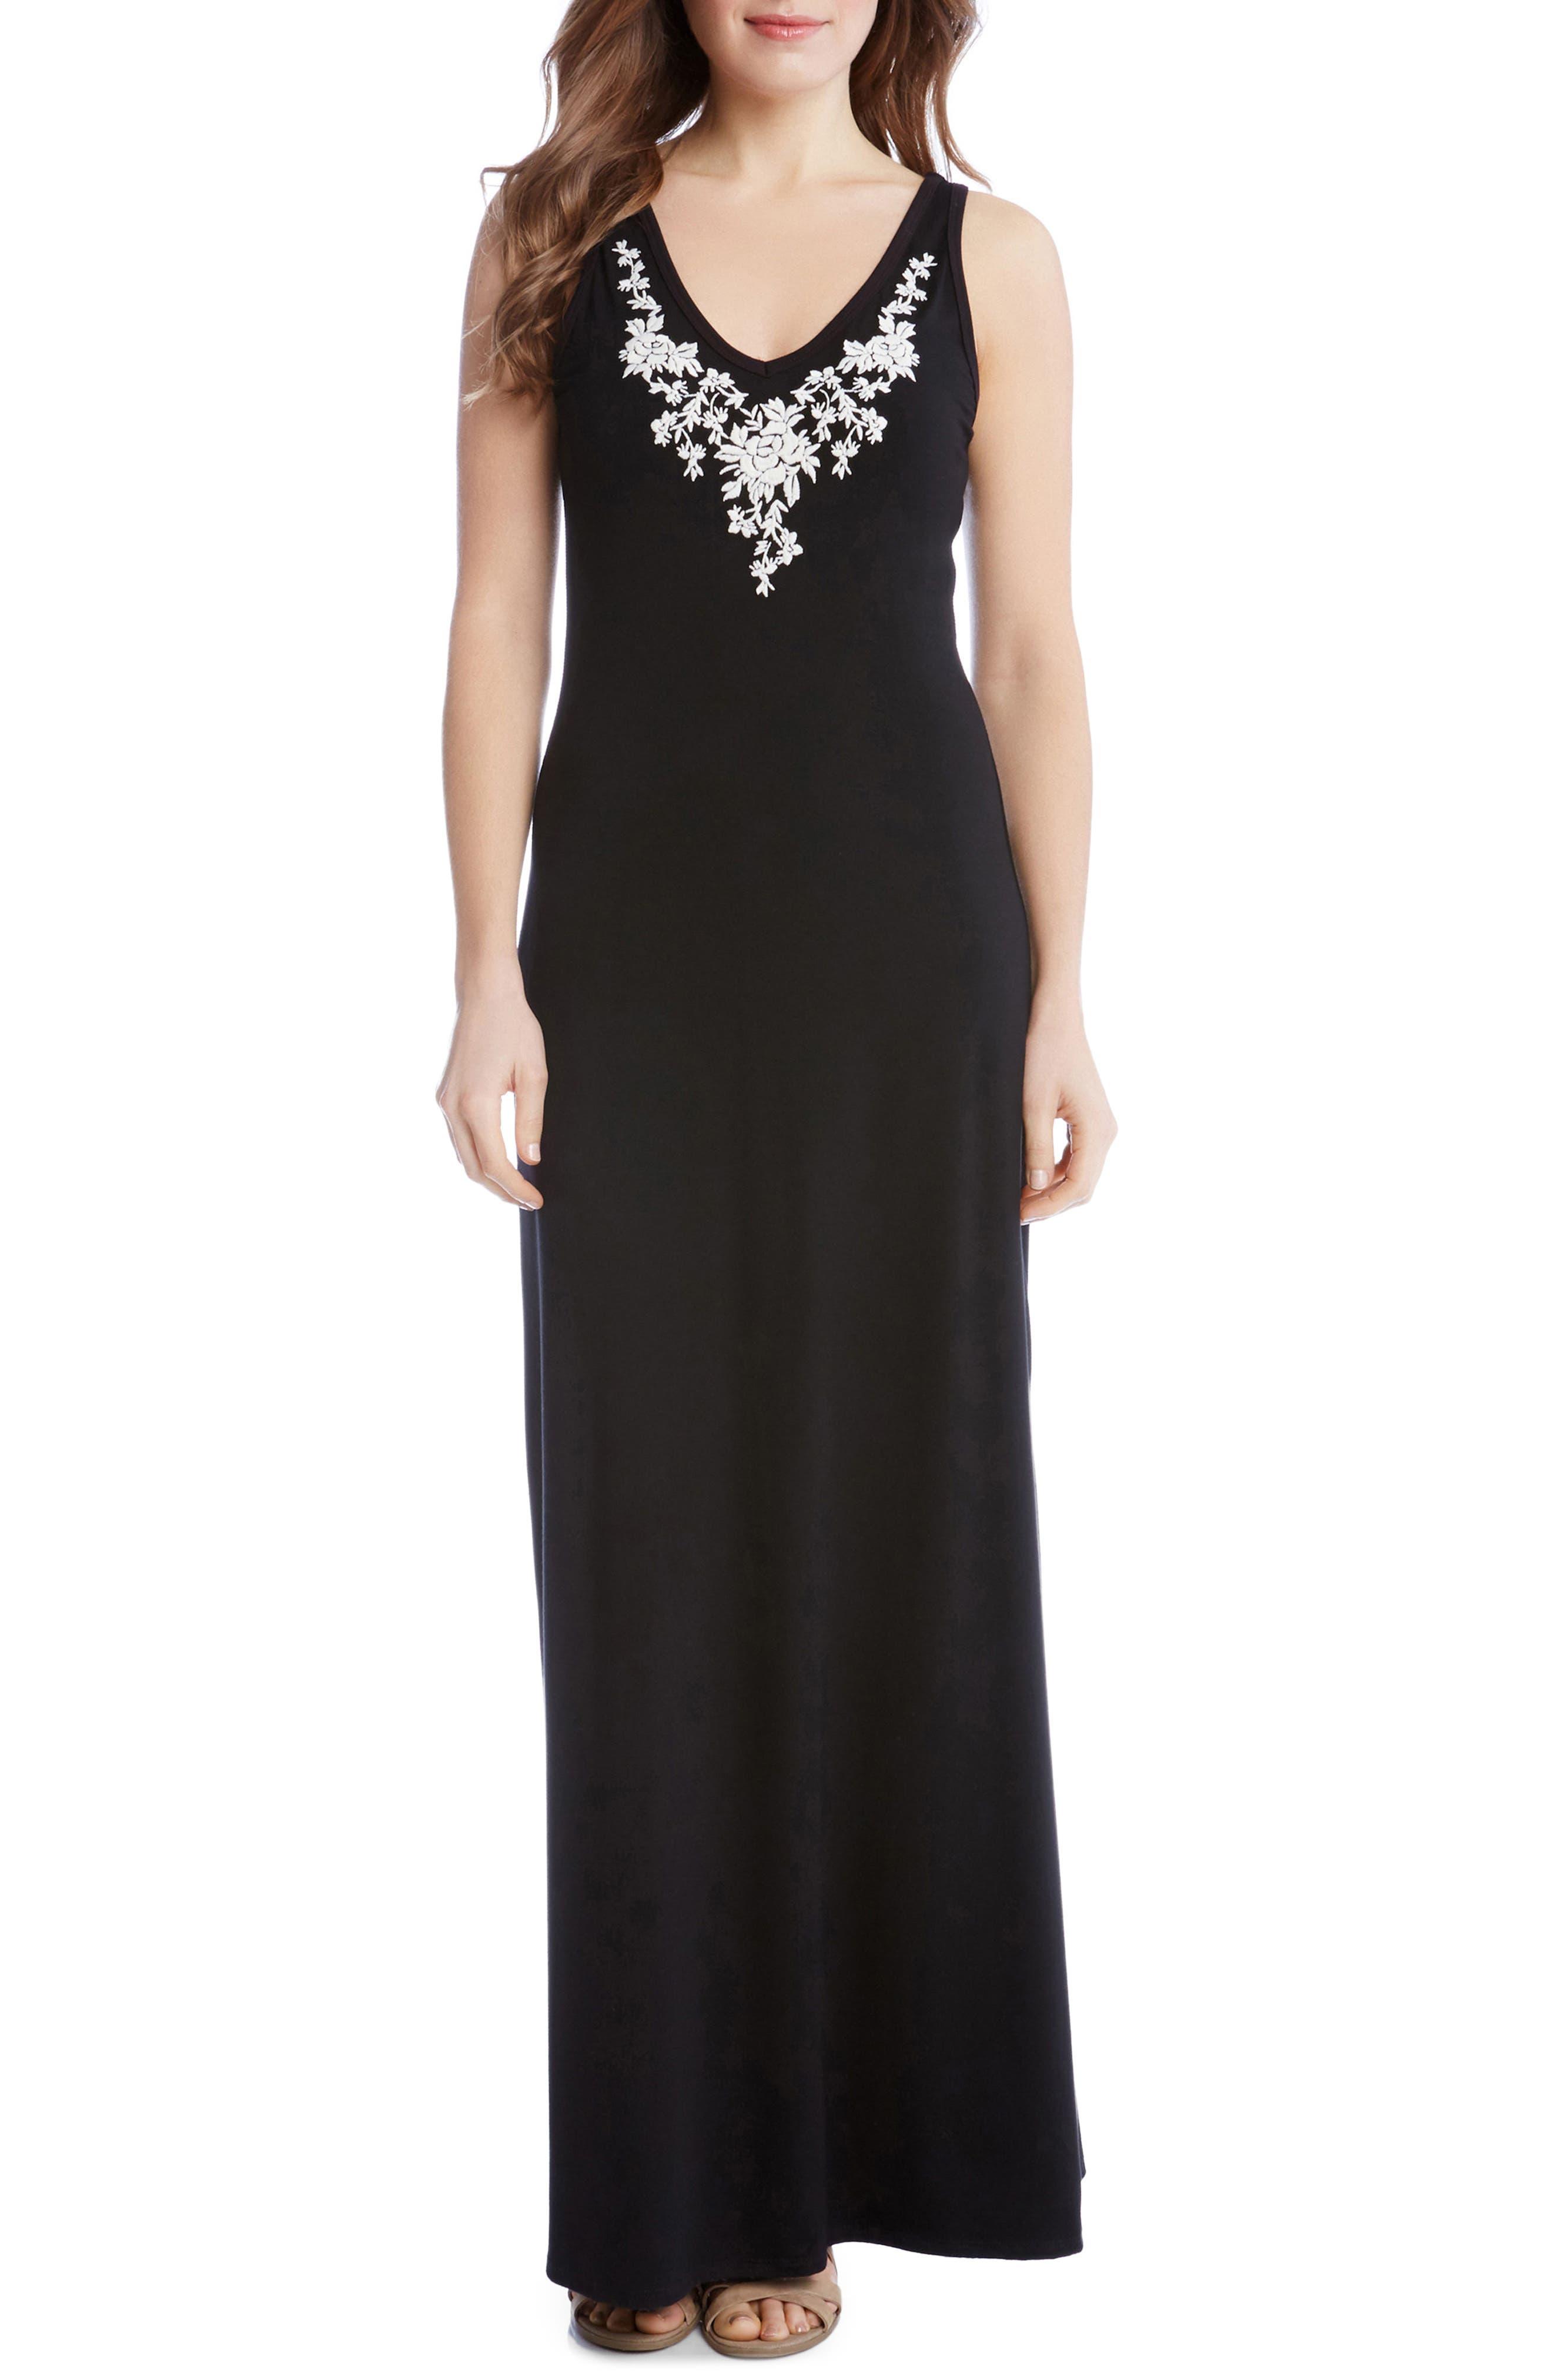 Main Image - Karen Kane Alana Embroidered Maxi Dress (Regular & Petite)